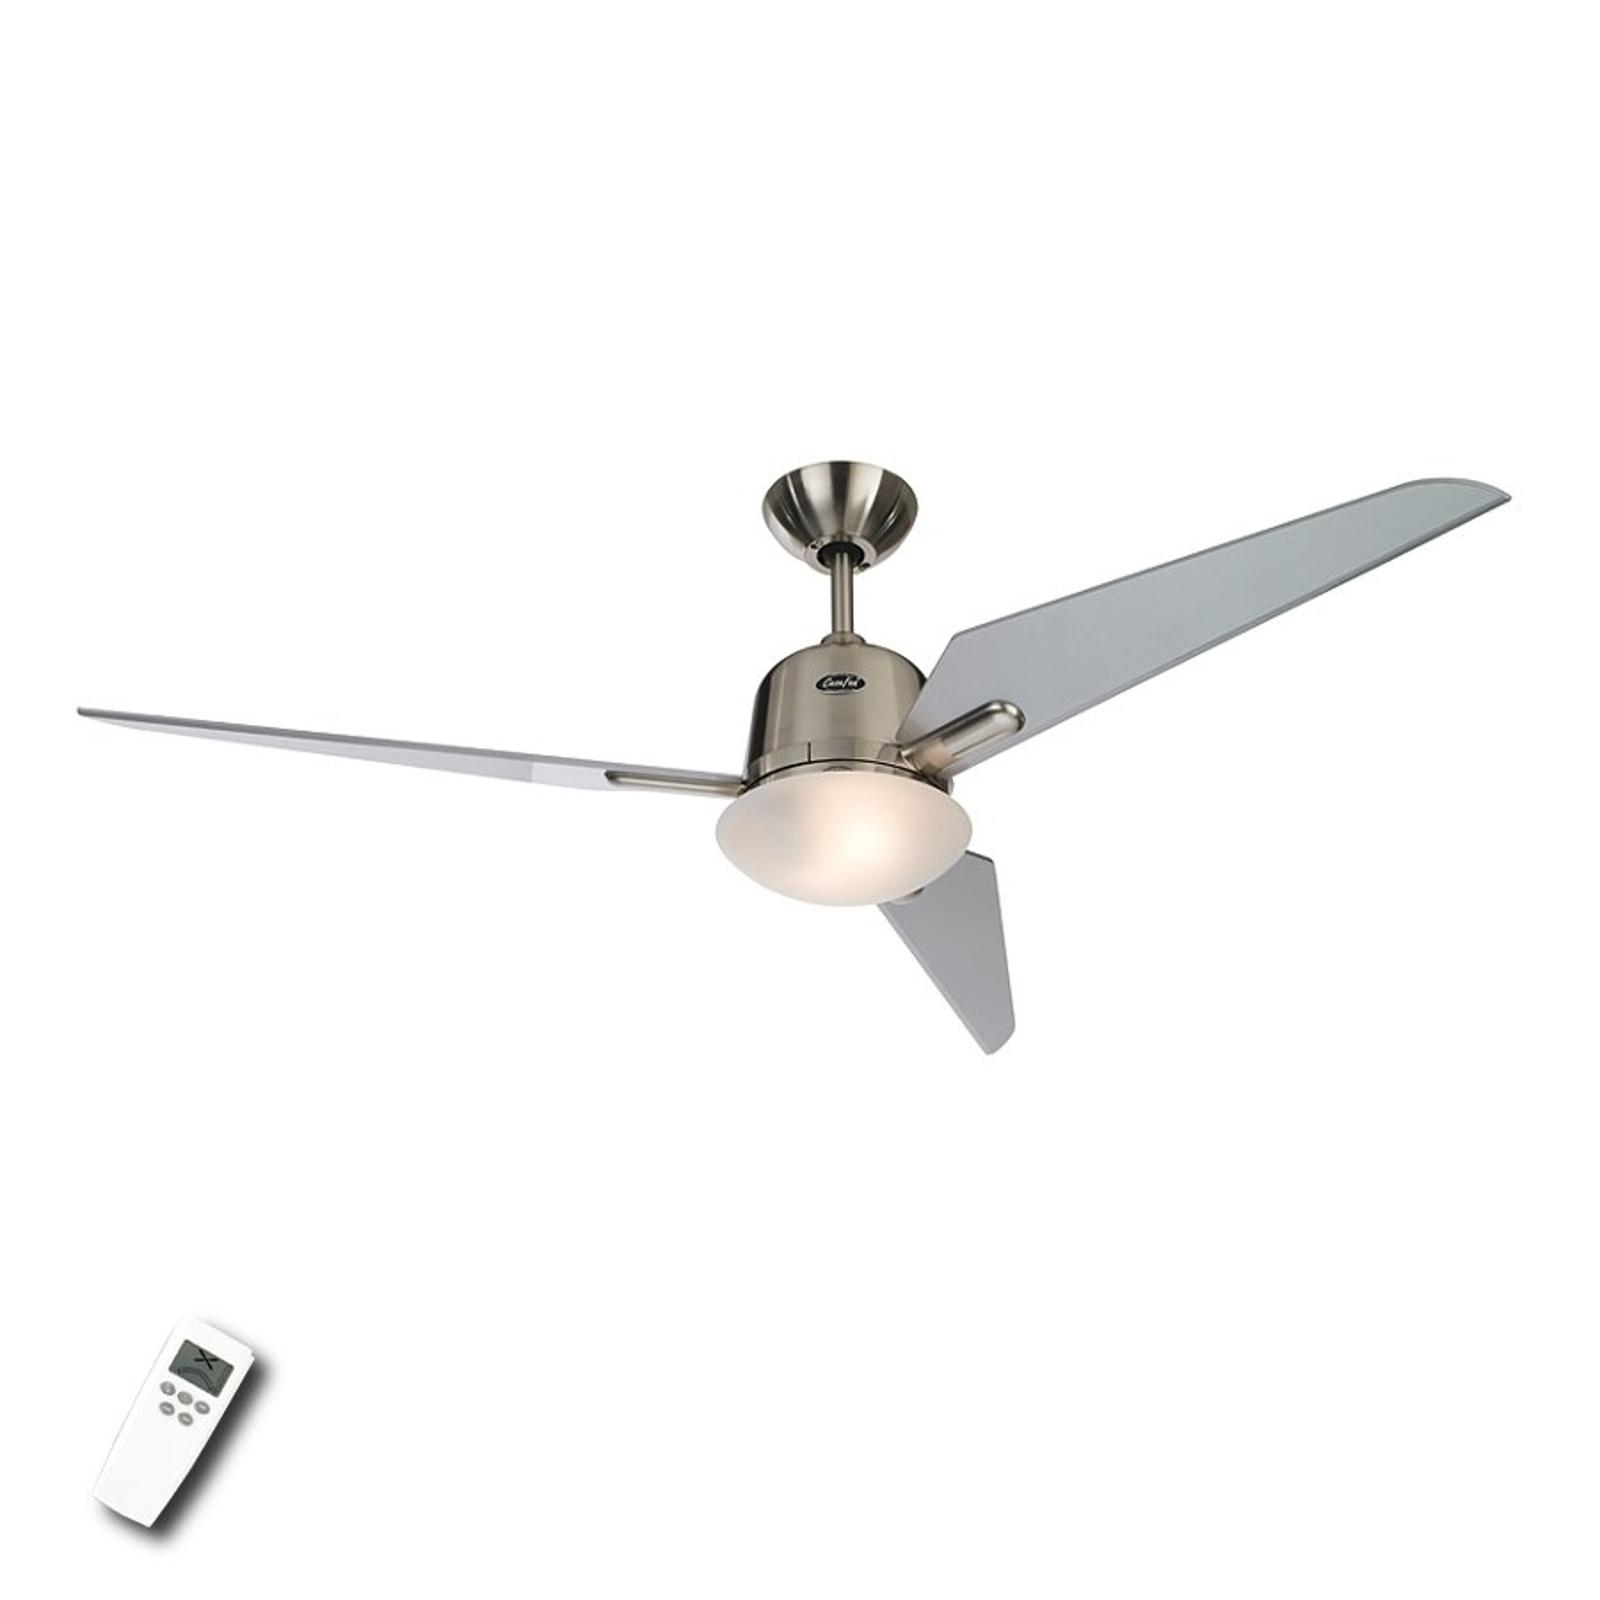 Stropný ventilátor Eco Aviatos v chróme a striebre_2015021_1